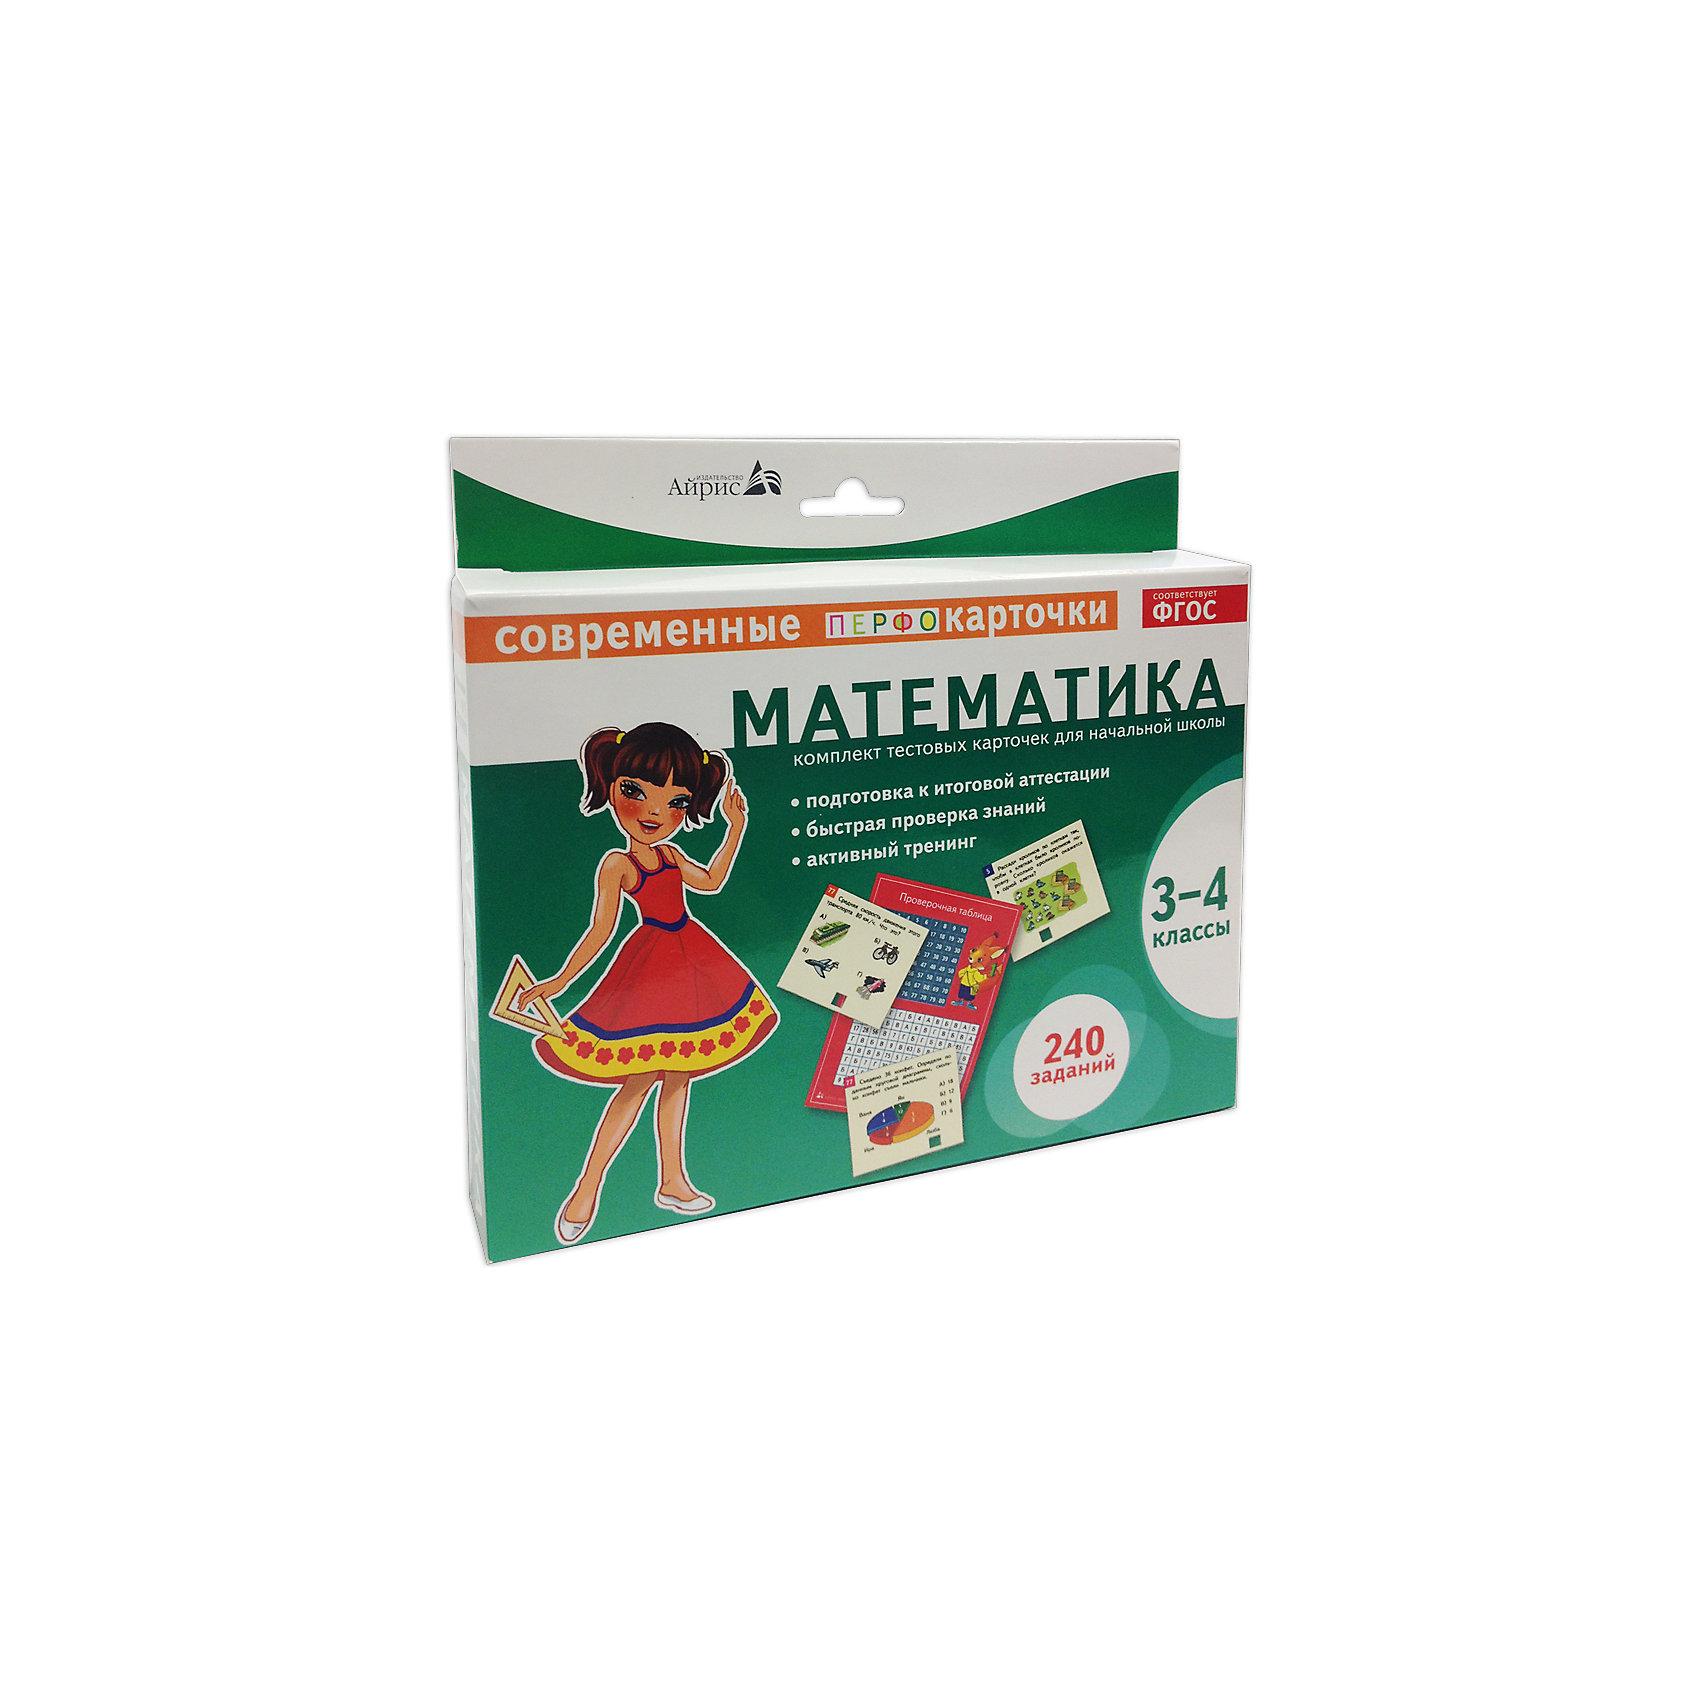 Пособие Математика, 3-4 кл., Куликова Е.Н.Обучение счету<br>Комплект тестовых карточек – это развивающее пособие, рекомендованное для проверки и закрепления учебного материала 3-4 классов по математике. &#13;<br>&#13;<br>В комплект входят: карточки с заданиями, проверочная таблица и памятка для родителей. &#13;<br>&#13;<br>Задания сгруппированы по ключевым разделам математики:&#13;<br>ЧИСЛА (50 заданий)&#13;<br>ВЕЛИЧИНЫ (30 заданий)&#13;<br>АРИФМЕТИЧЕСКИЕ ДЕЙСТВИЯ (80 заданий)&#13;<br>ПРОСТРАНСТВЕННЫЕ ОТНОШЕНИЯ. ГЕОМЕТРИЧЕСКИЕ ФИГУРЫ. ГЕОМЕТРИЧЕСКИЕ ВЕЛИЧИНЫ (48 заданий)&#13;<br>РАБОТА С ИНФОРМАЦИЕЙ (32 задания)&#13;<br>&#13;<br>Пособие очень удобно в использовании. Краткая инструкция расположена непосредственно на коробке. Важно, что ребёнок, соединив номер на карточке с номером в проверочной таблице, сам может проверить - верный ли ответ.&#13;<br>&#13;<br>Занятия с карточками способствуют развитию наглядно-образного мышления, внимательности, наблюдательности, учат анализировать и логически объяснять решение.&#13;<br>&#13;<br>Оптимальная подача учебного материала, оригинальный дизайн, яркие иллюстрации и  краткие задания сделают подготовку итоговому тестированию с данным пособием  лёгкой и интересной.<br><br>Ширина мм: 28<br>Глубина мм: 200<br>Высота мм: 185<br>Вес г: 345<br>Возраст от месяцев: 96<br>Возраст до месяцев: 144<br>Пол: Унисекс<br>Возраст: Детский<br>SKU: 6849631